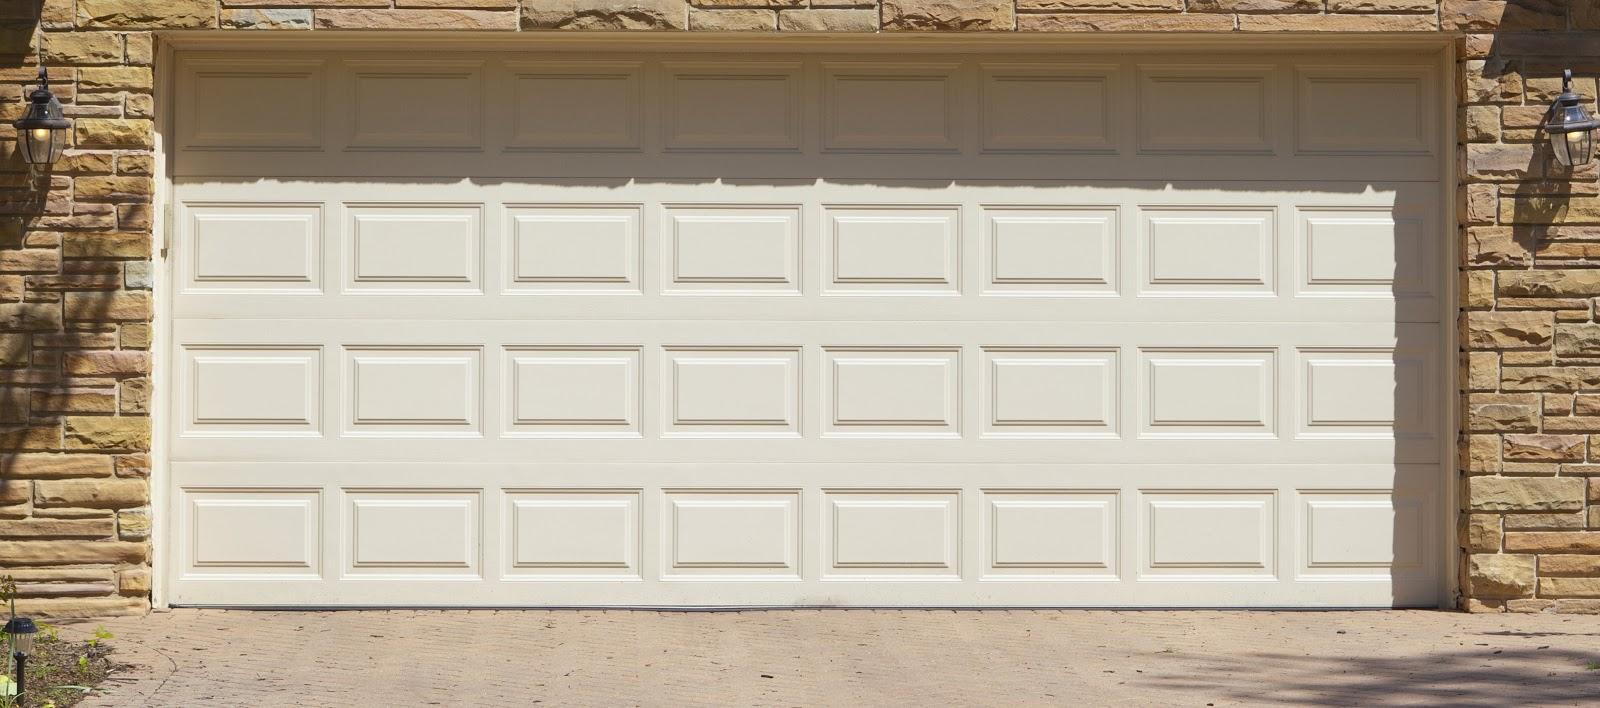 Fibreglass garage doors garage doors online upvc for Upvc garage doors